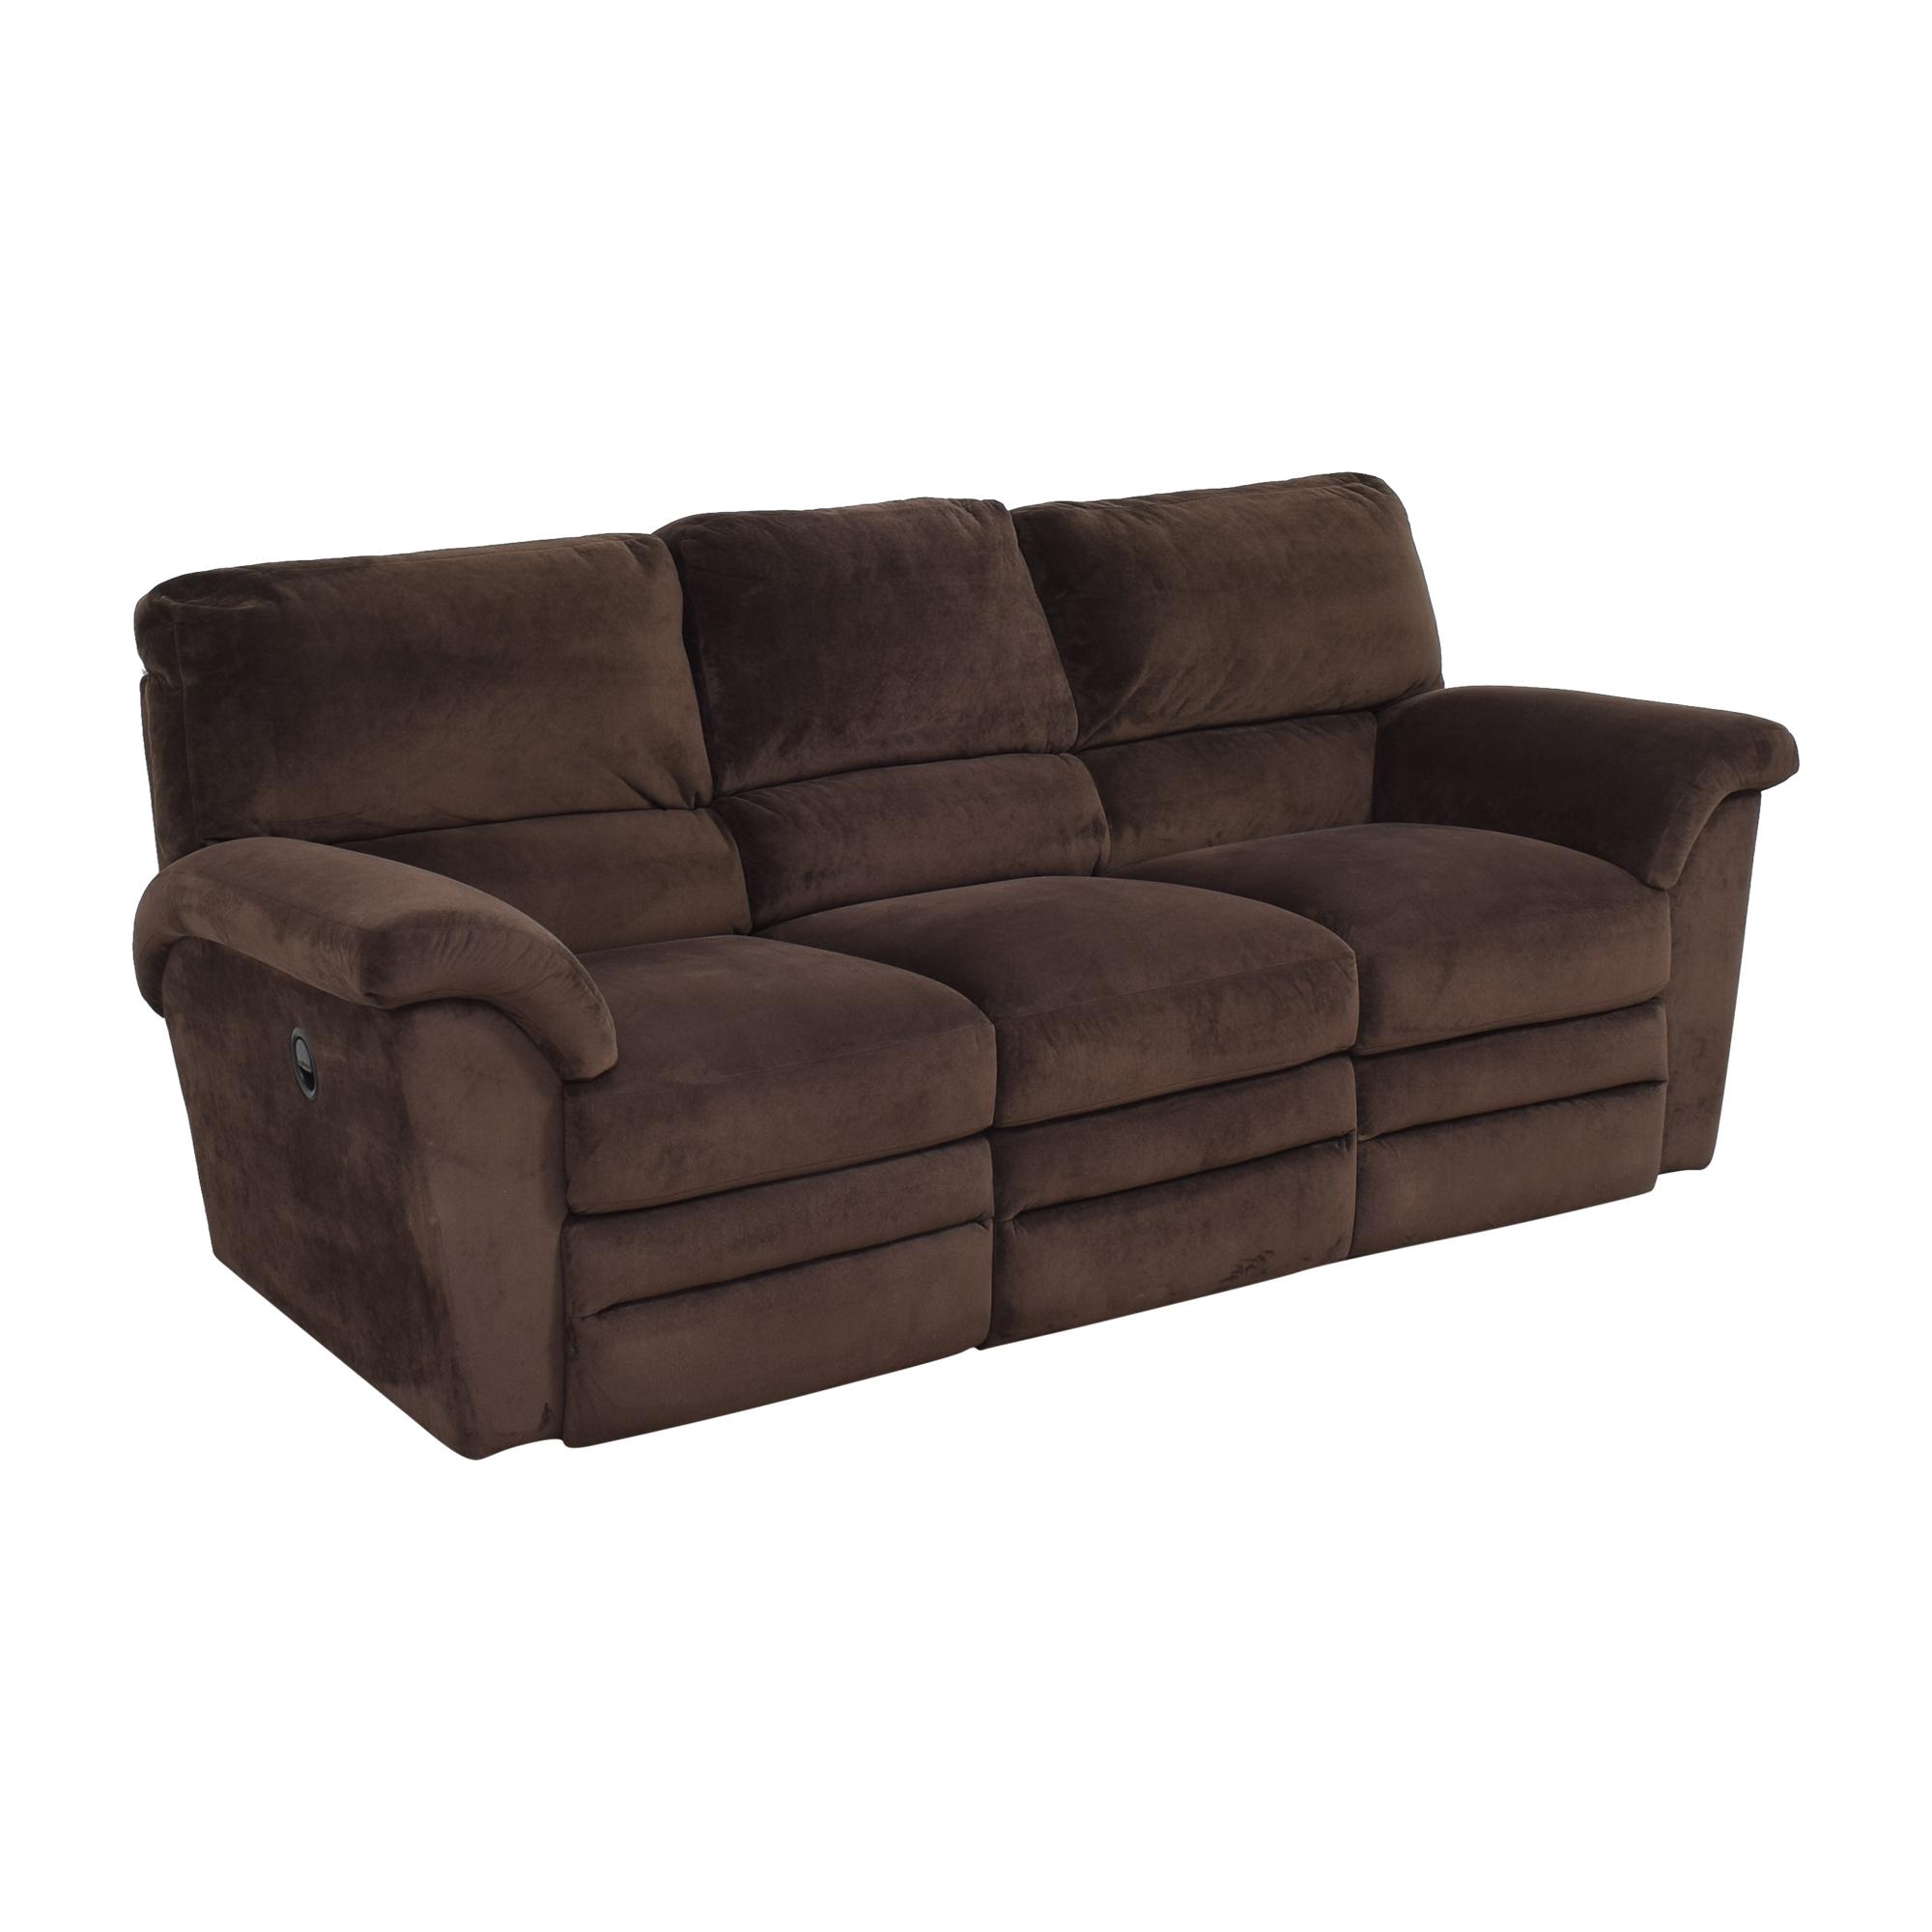 La-Z-Boy Reclining Three Cushion Sofa sale